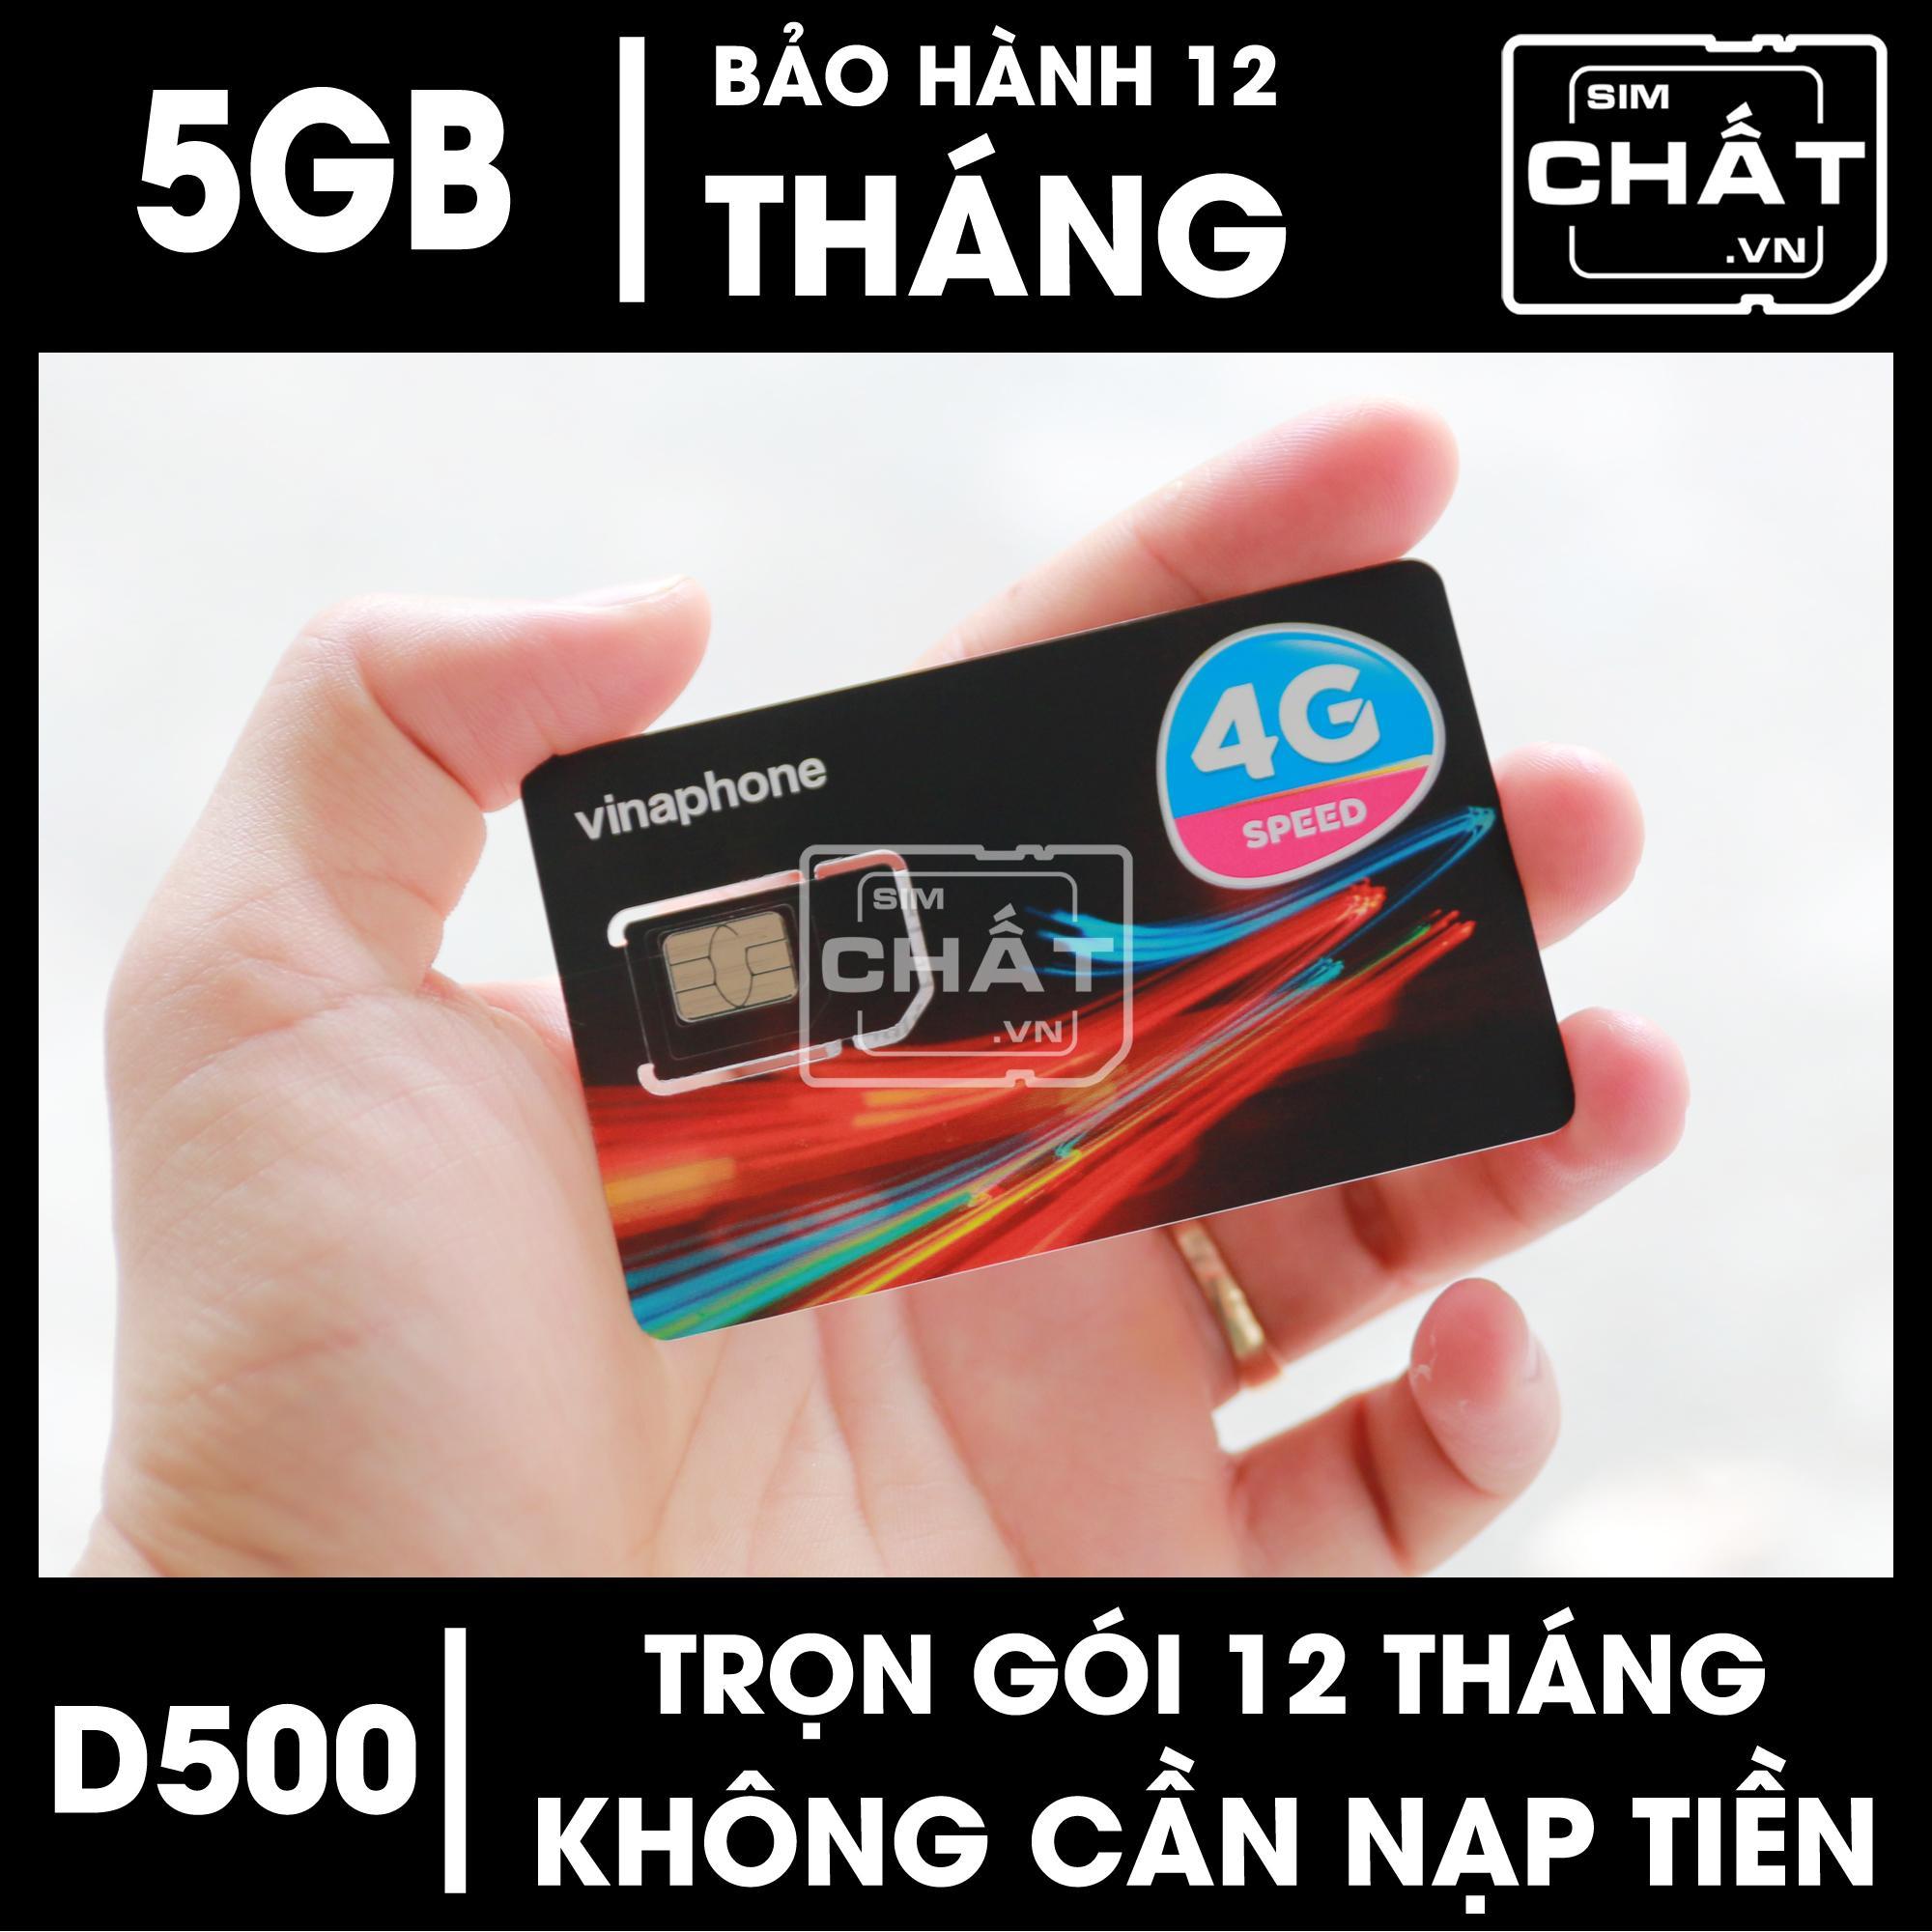 SIM 4G Vinaphone D500 dùng Trọn Gói 1 Năm Với 5GB/Tháng - SIM CHẤT